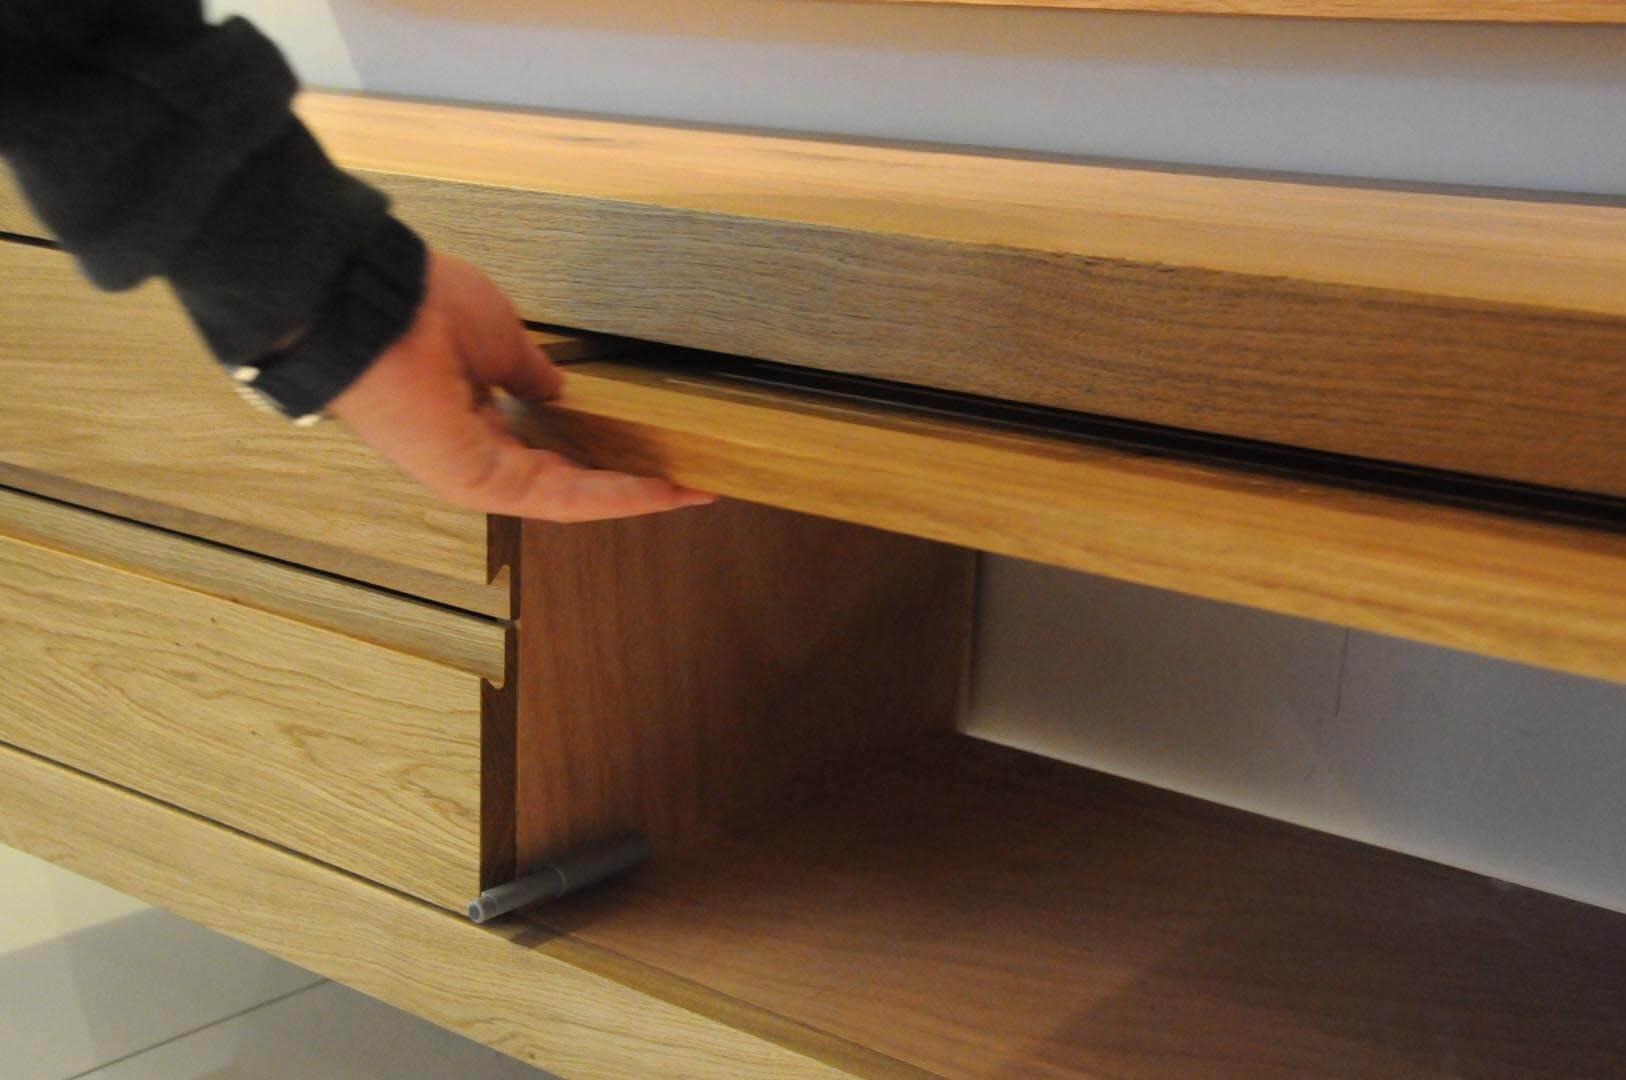 מזנון תלוי ומסגרת לטלויזיה מעץ דגם אלון